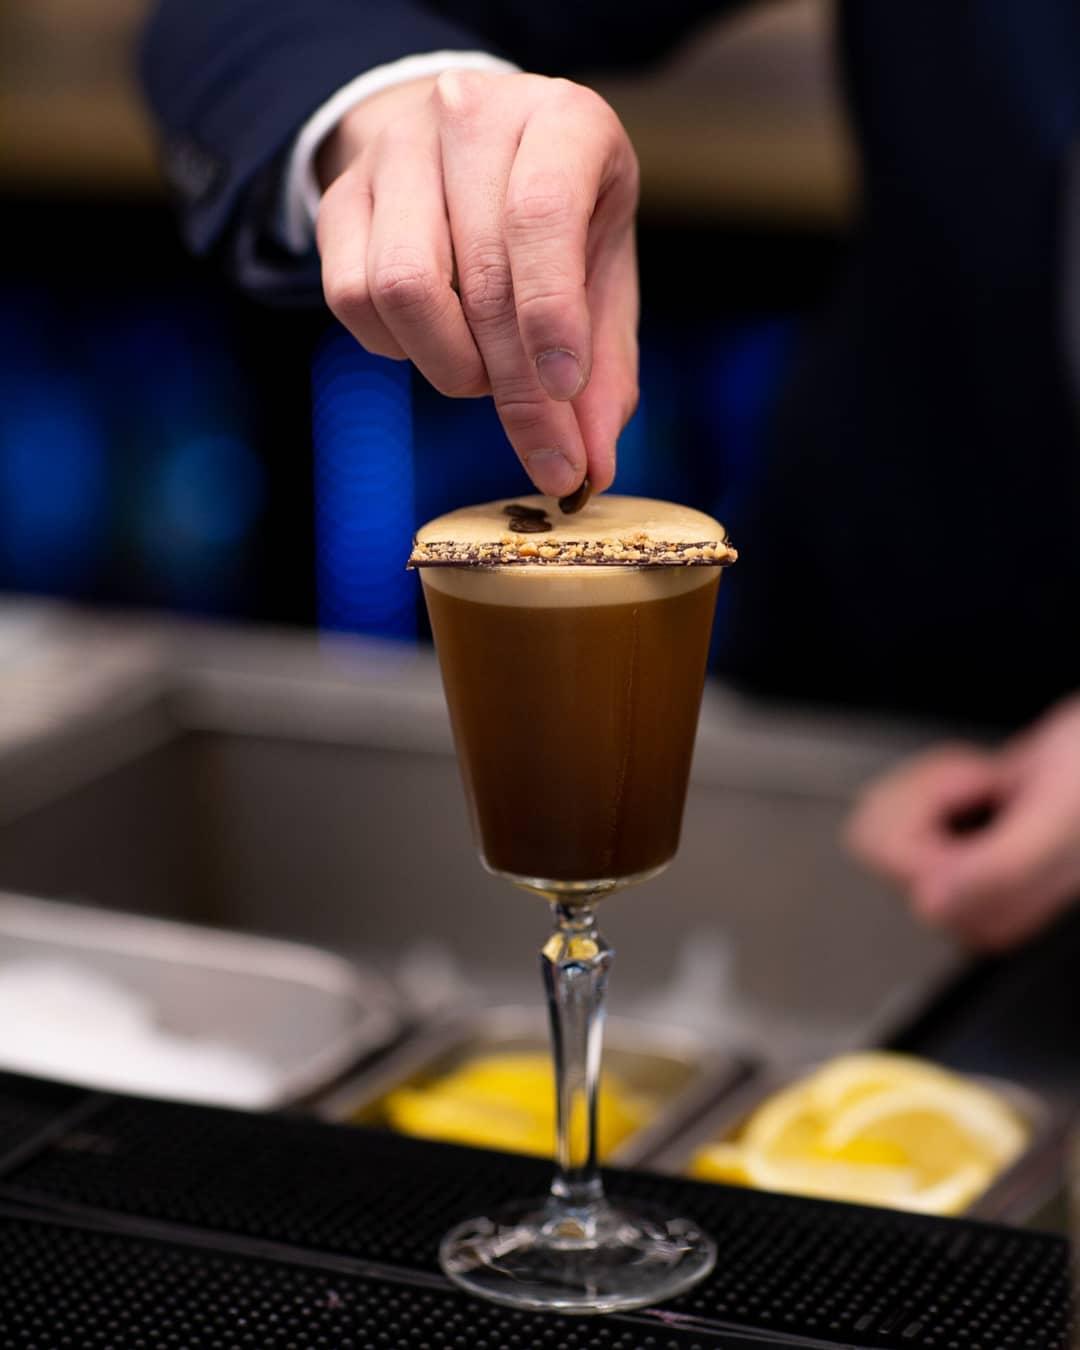 adicione um lado de grãos de café a um martini expresso